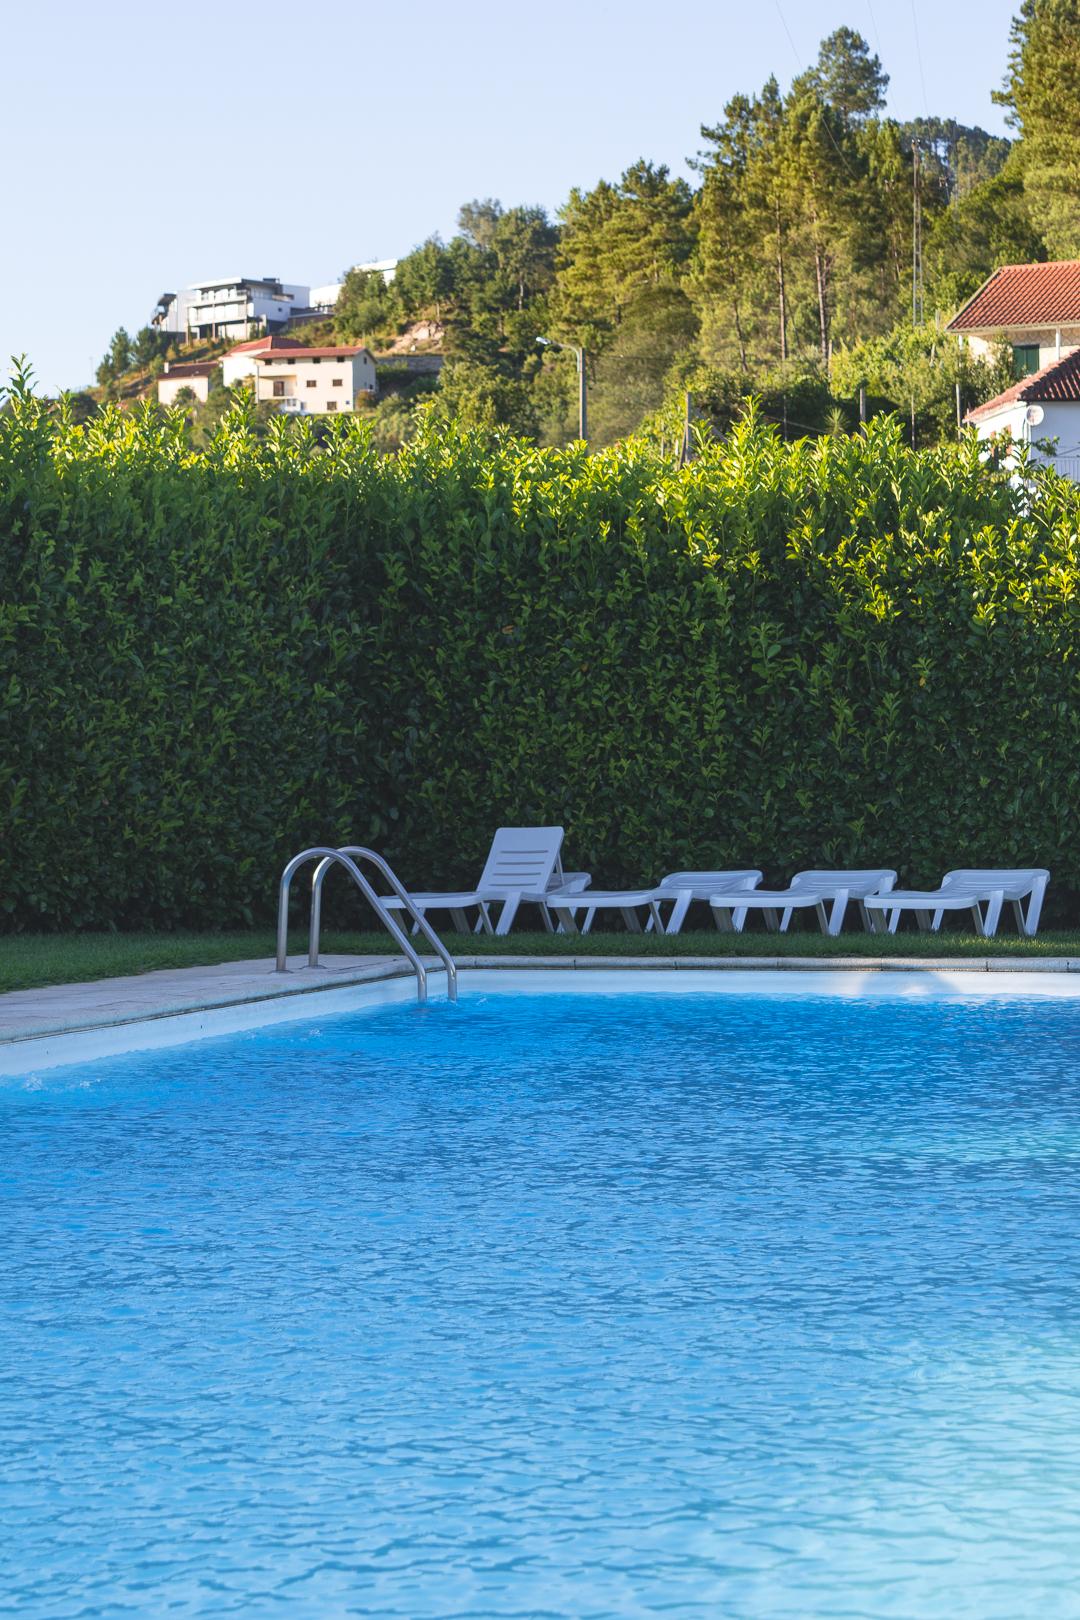 Poolside in Geres Portugal